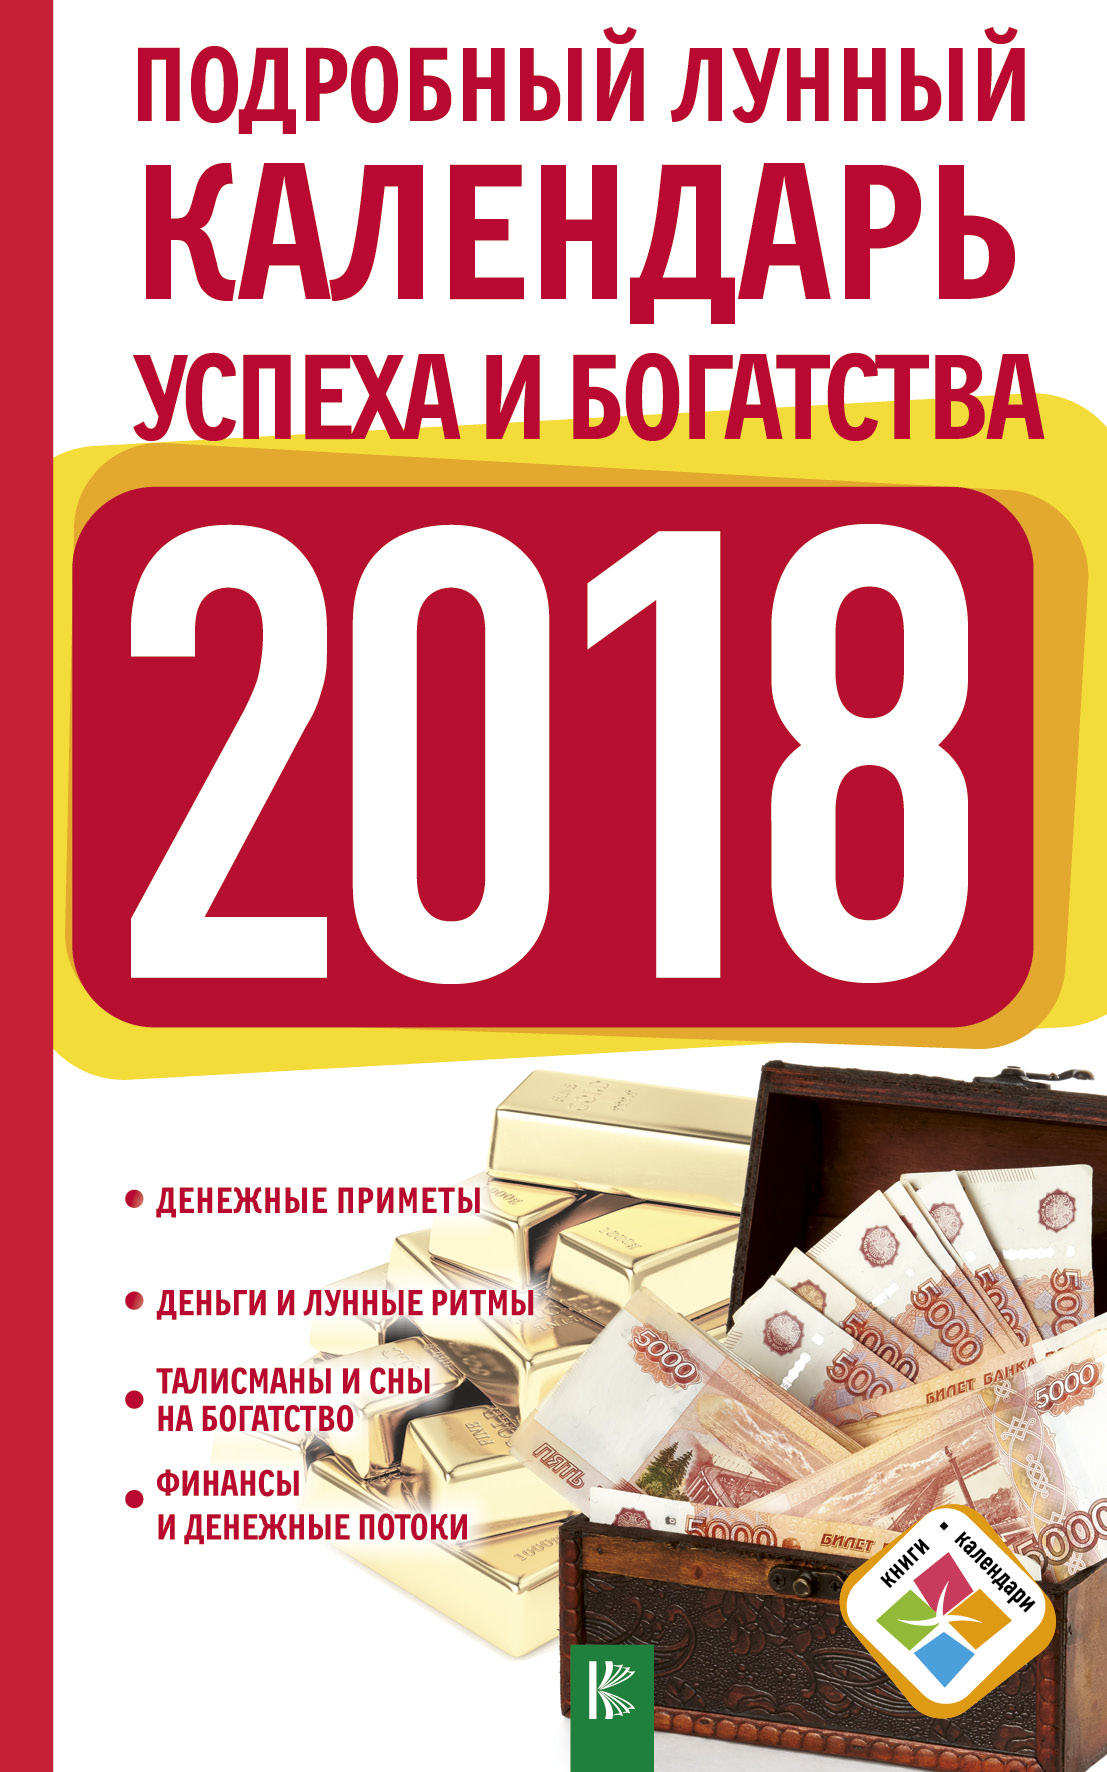 Подробный лунный календарь успеха и богатства на 2018 год ( Виноградова Н.  )